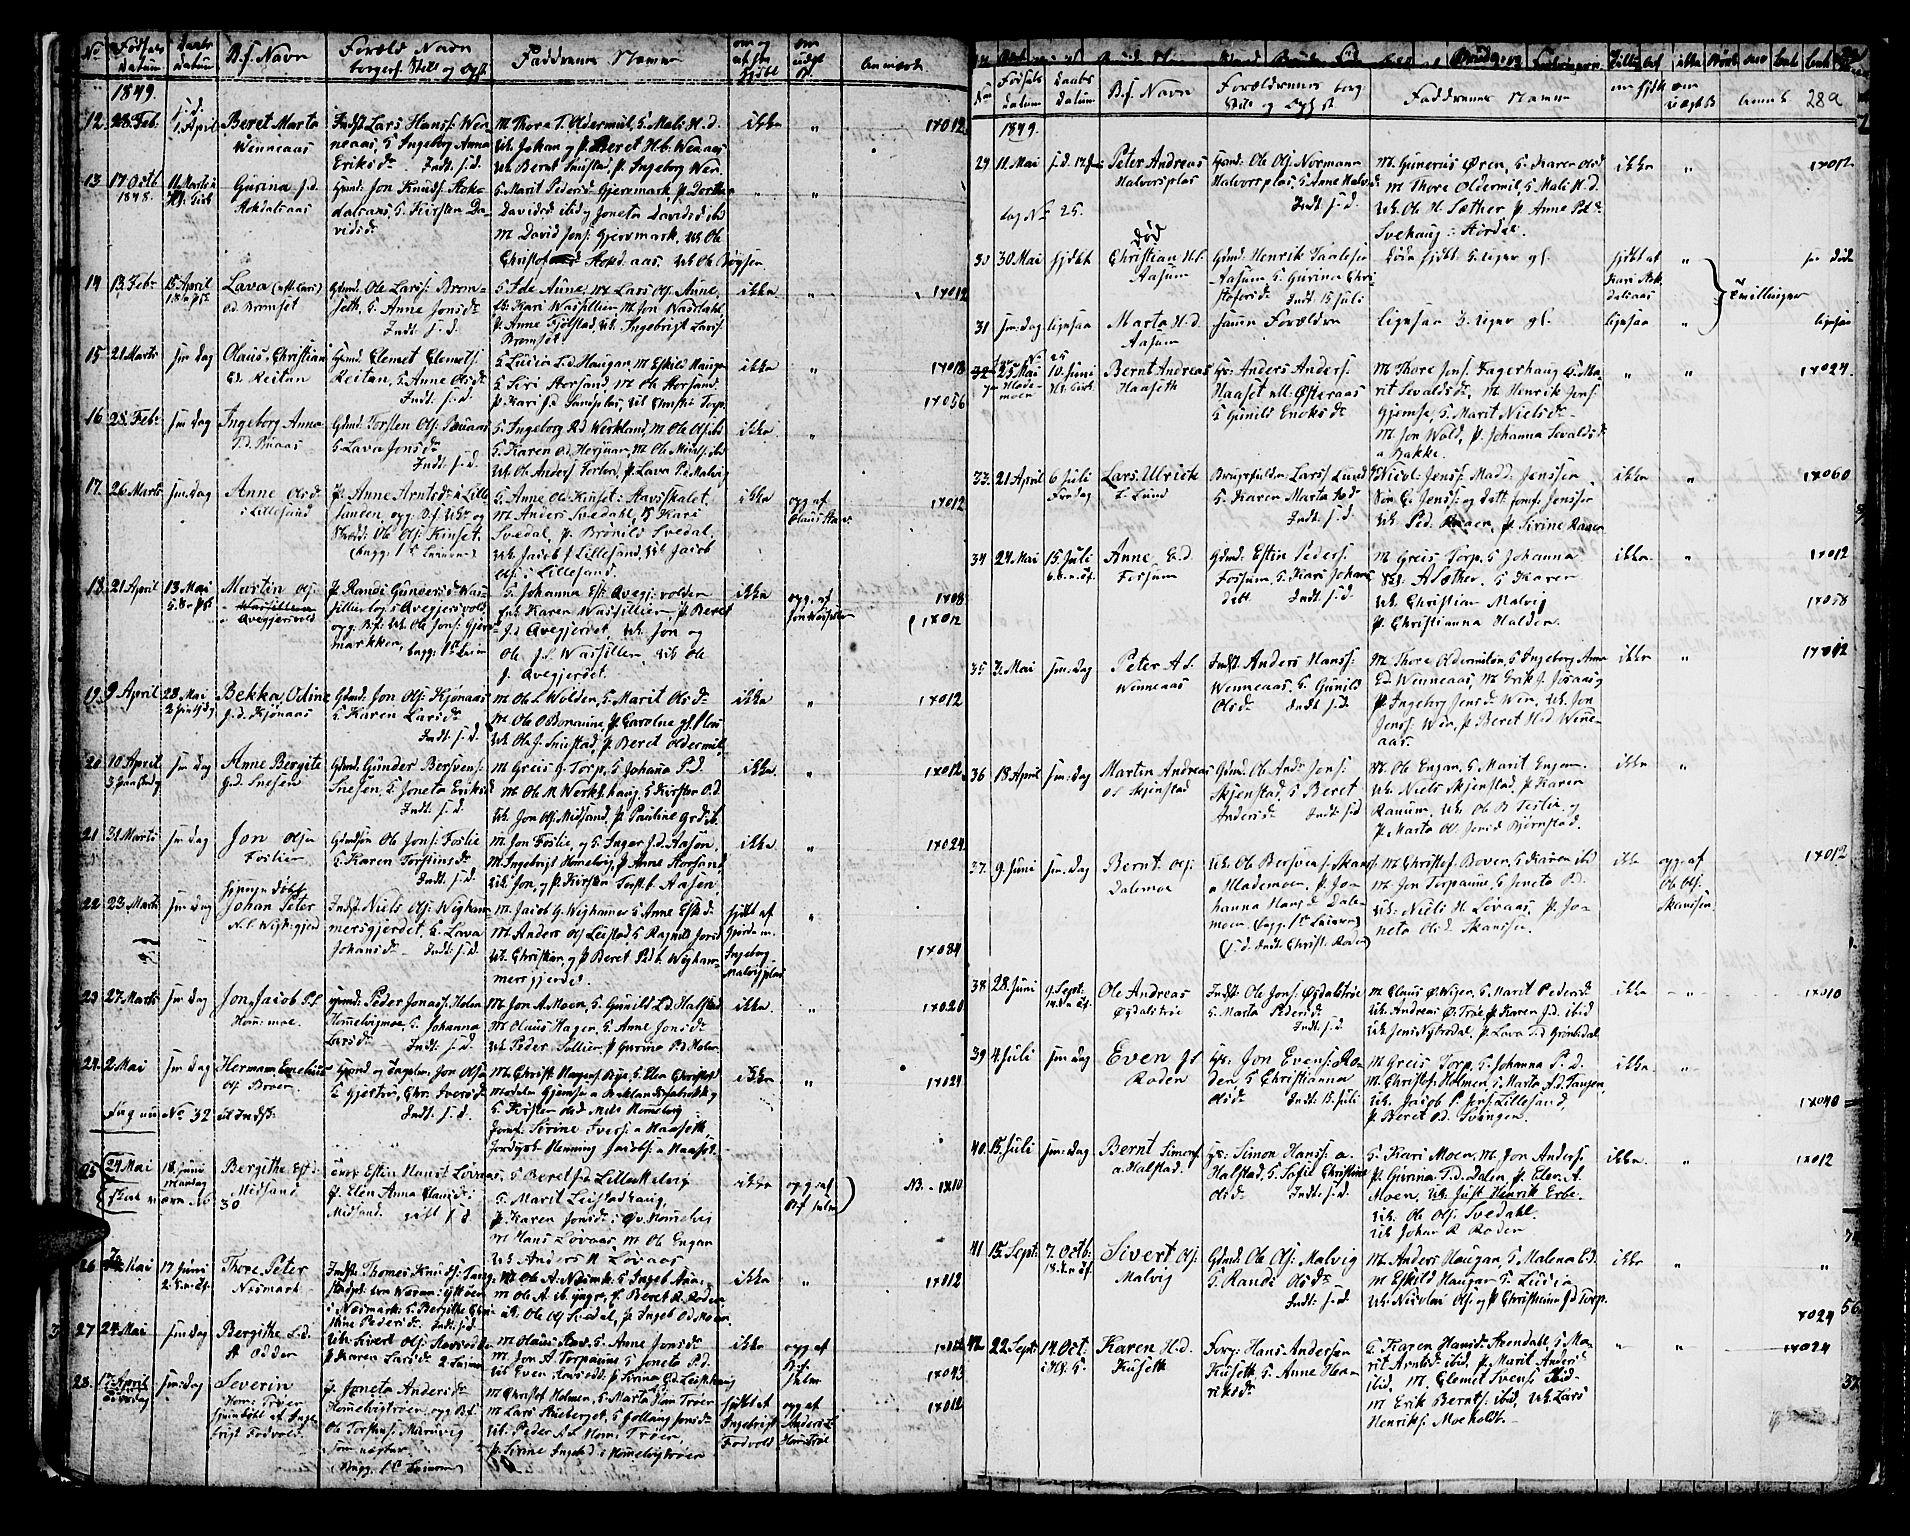 SAT, Ministerialprotokoller, klokkerbøker og fødselsregistre - Sør-Trøndelag, 616/L0421: Klokkerbok nr. 616C04, 1834-1850, s. 28b